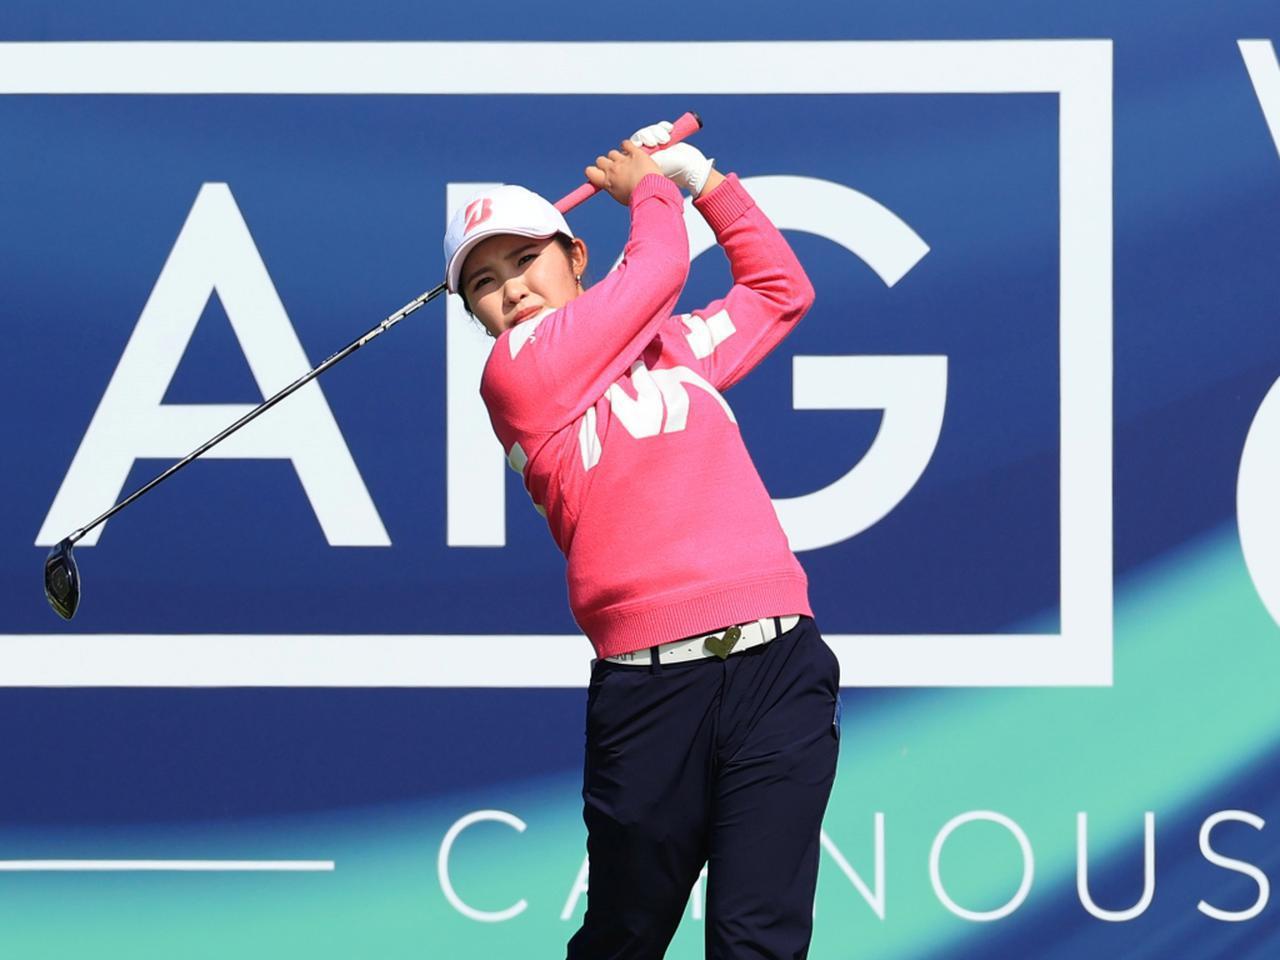 画像: 海外メジャー「AIG女子オープン」で日本勢最上位となるトータル5アンダー20位タイでフィニッシュした古江彩佳(写真/Getty Imges)